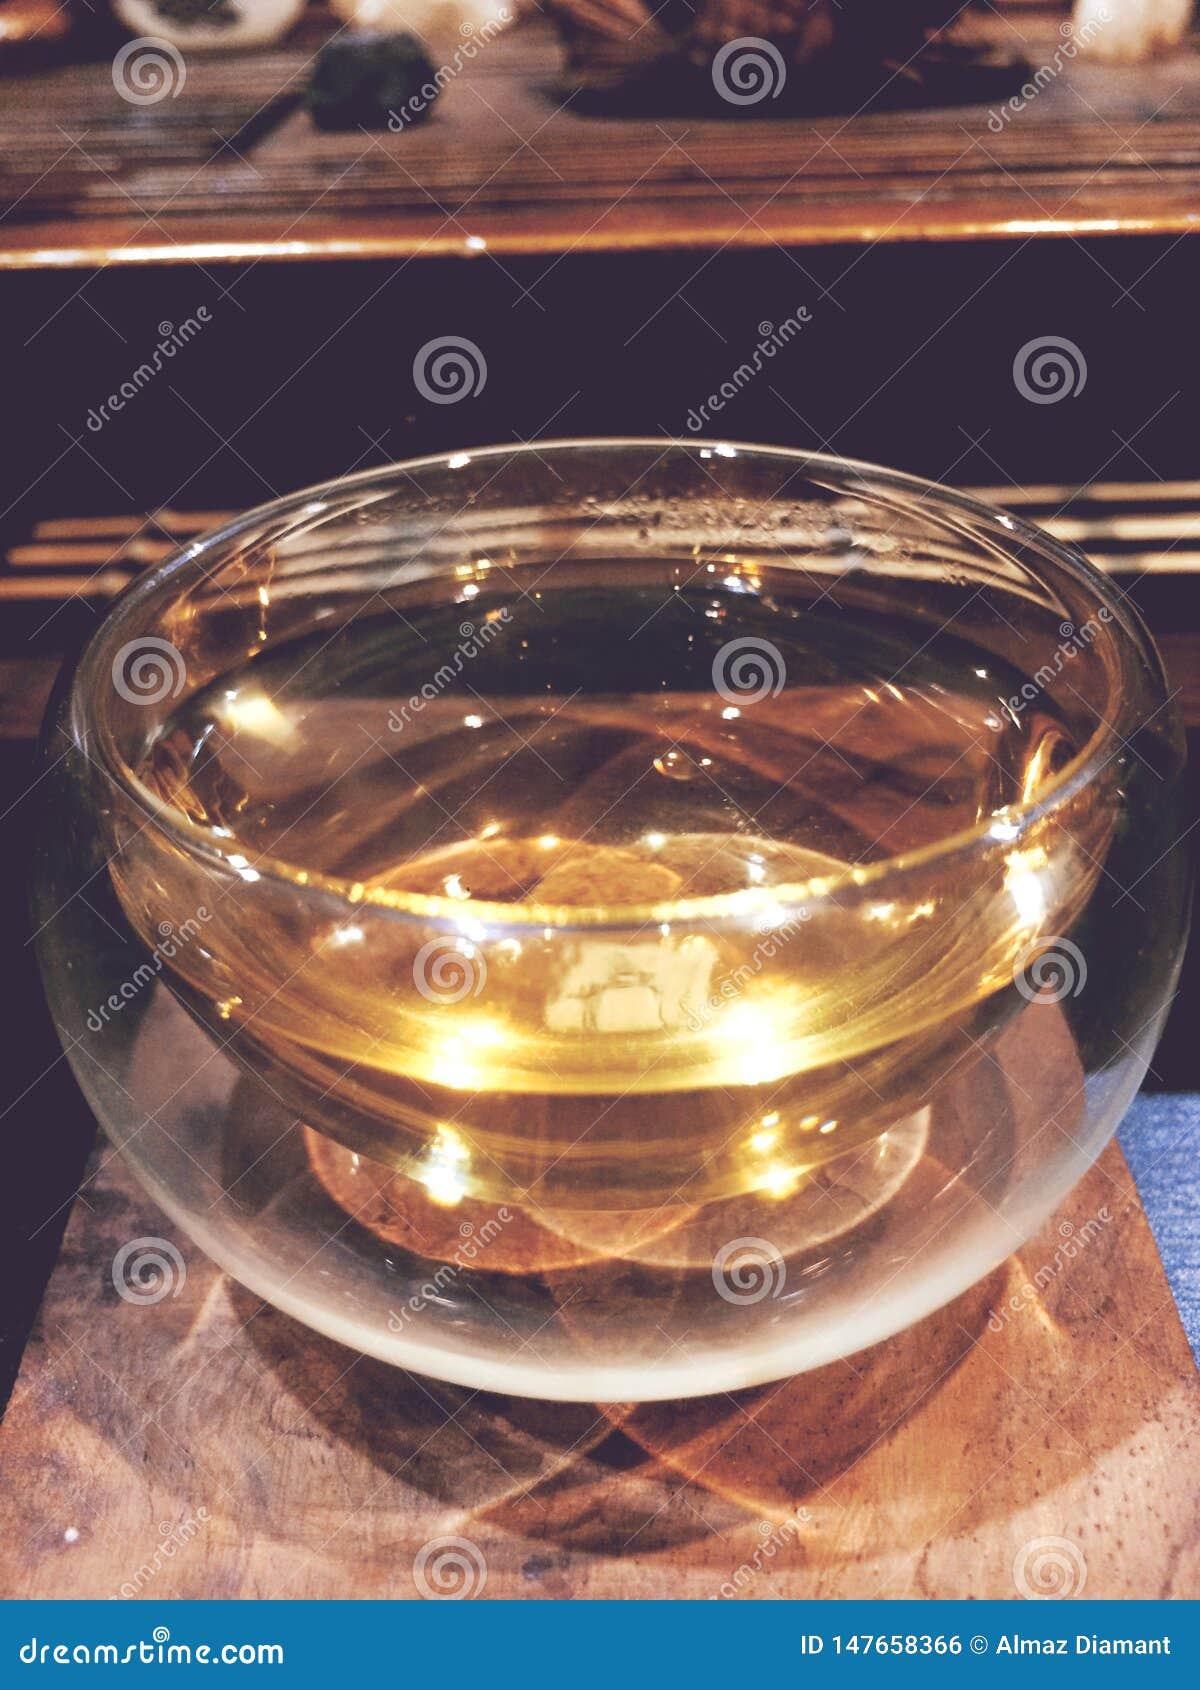 La cerimonia di tè, piccola tazza di vetro leggera di tè